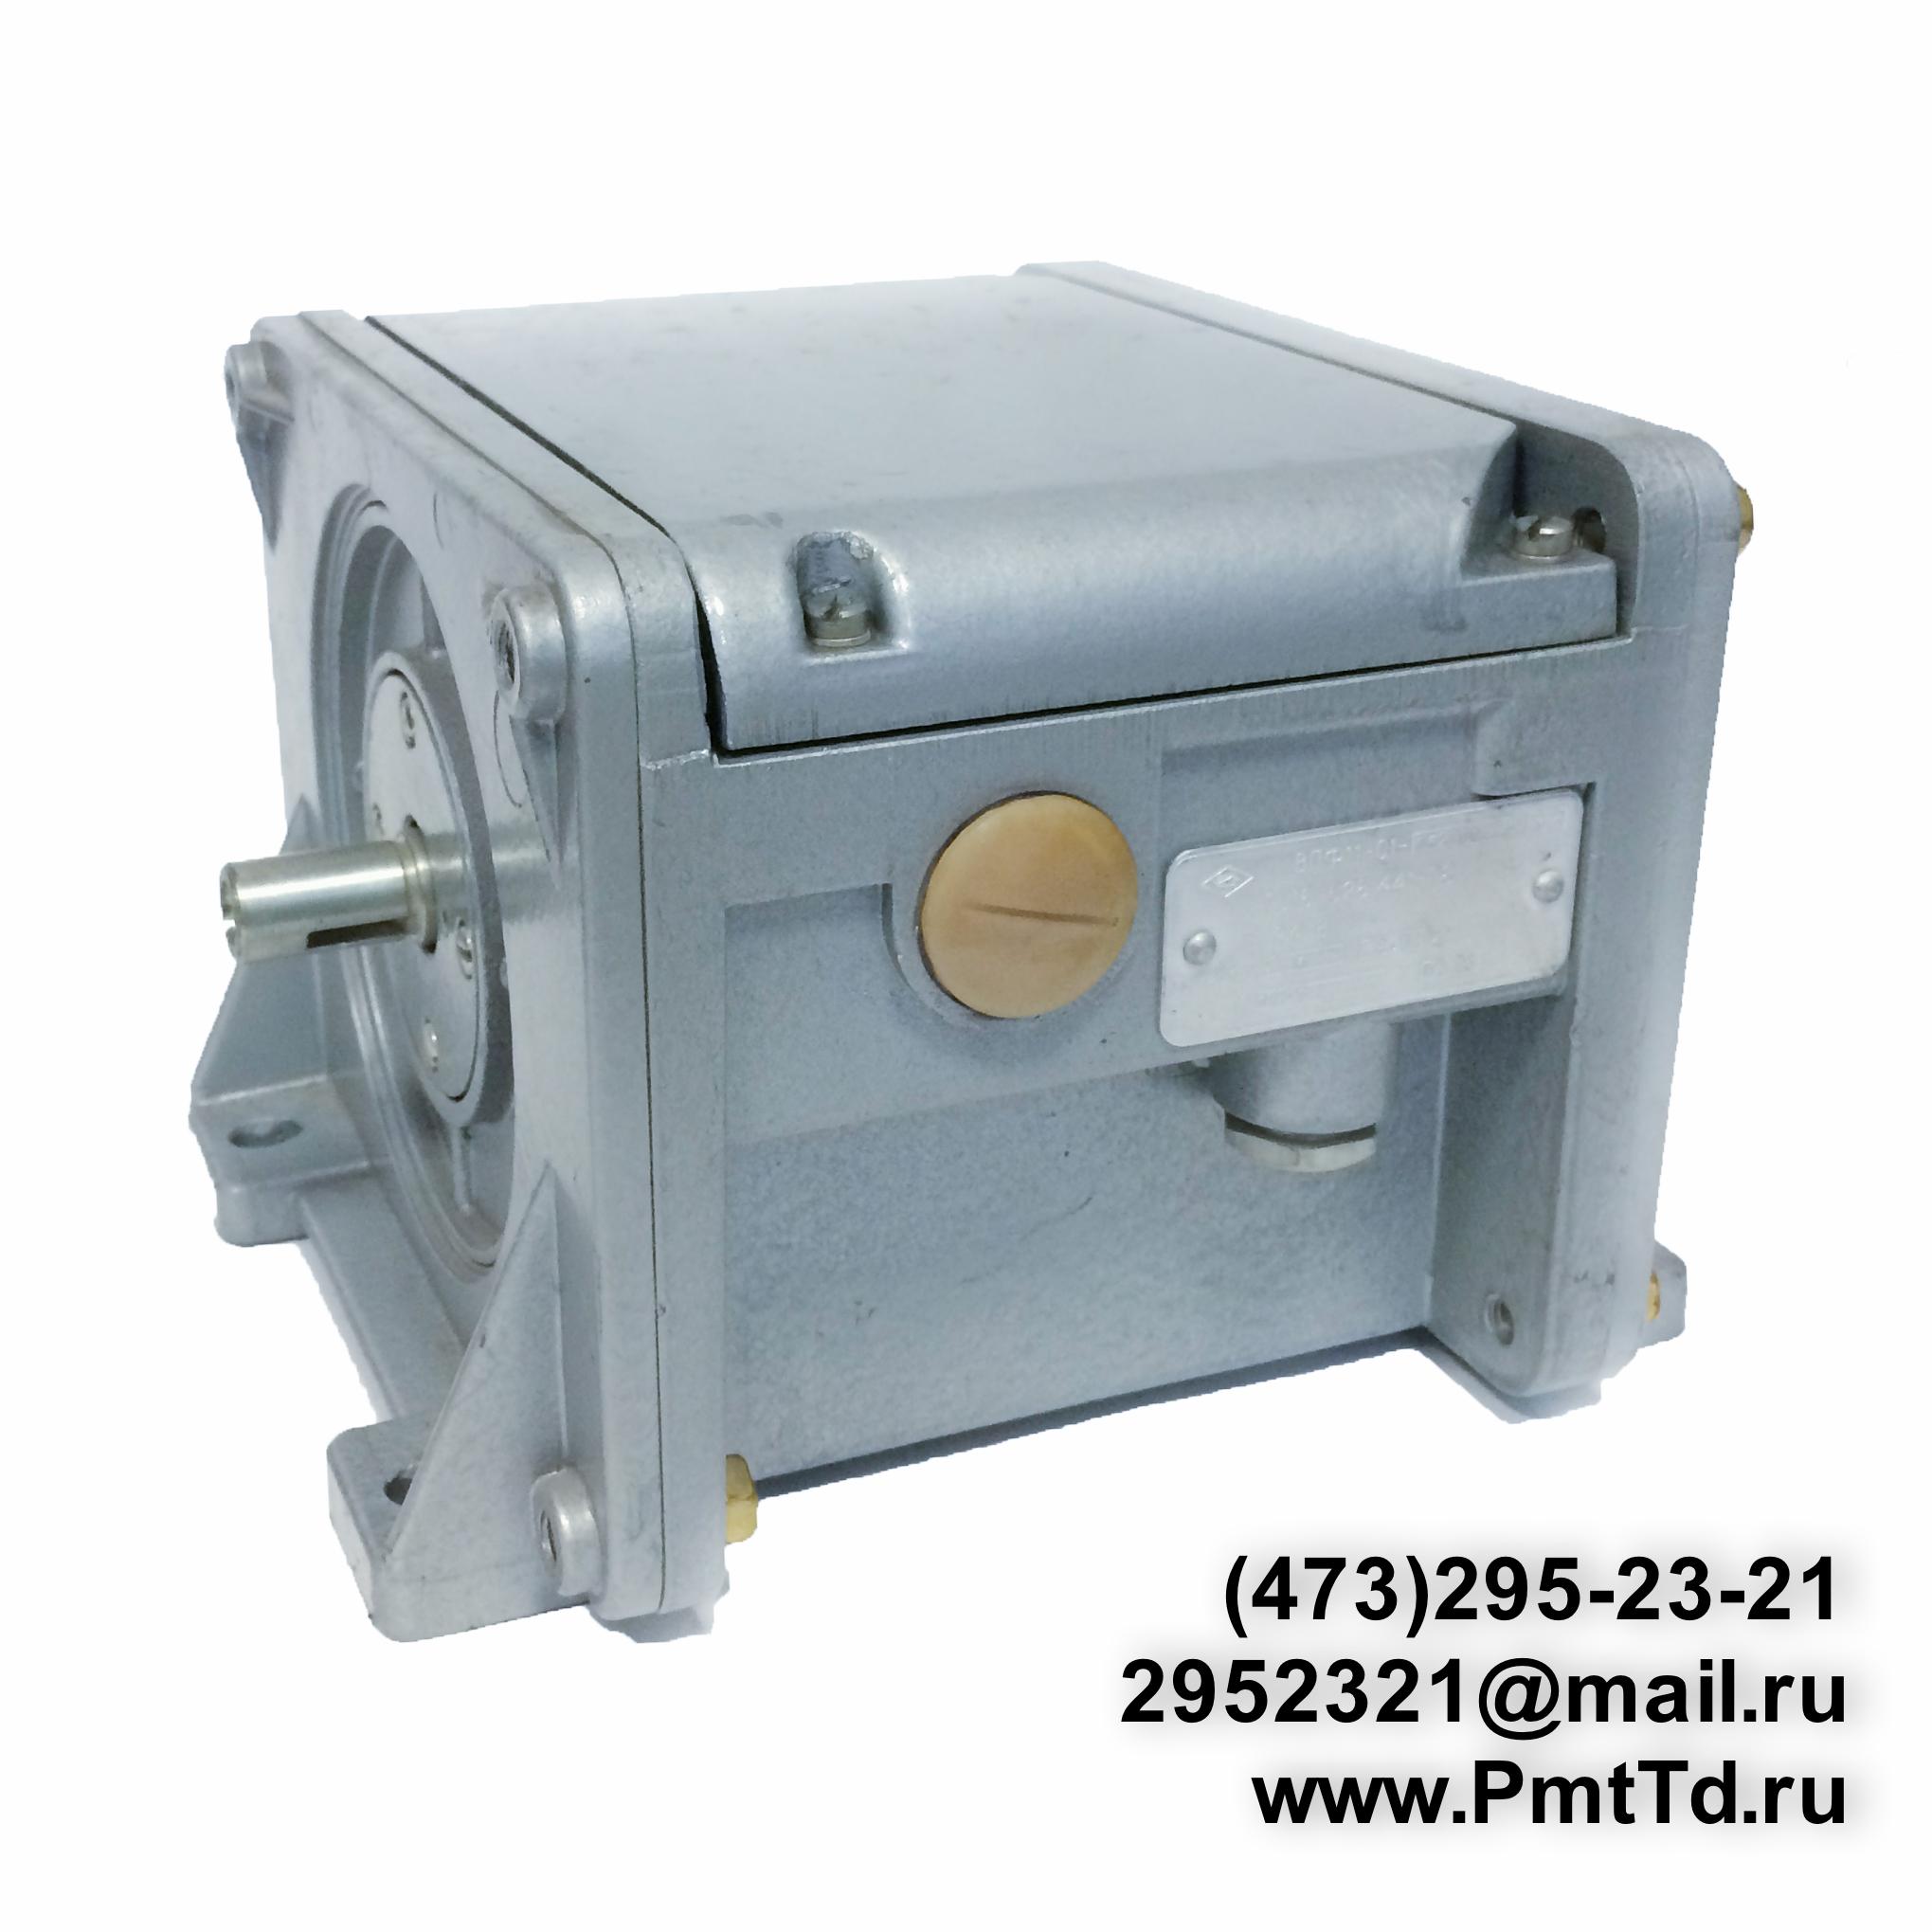 Выключатель ВПФ11-01-062100-54